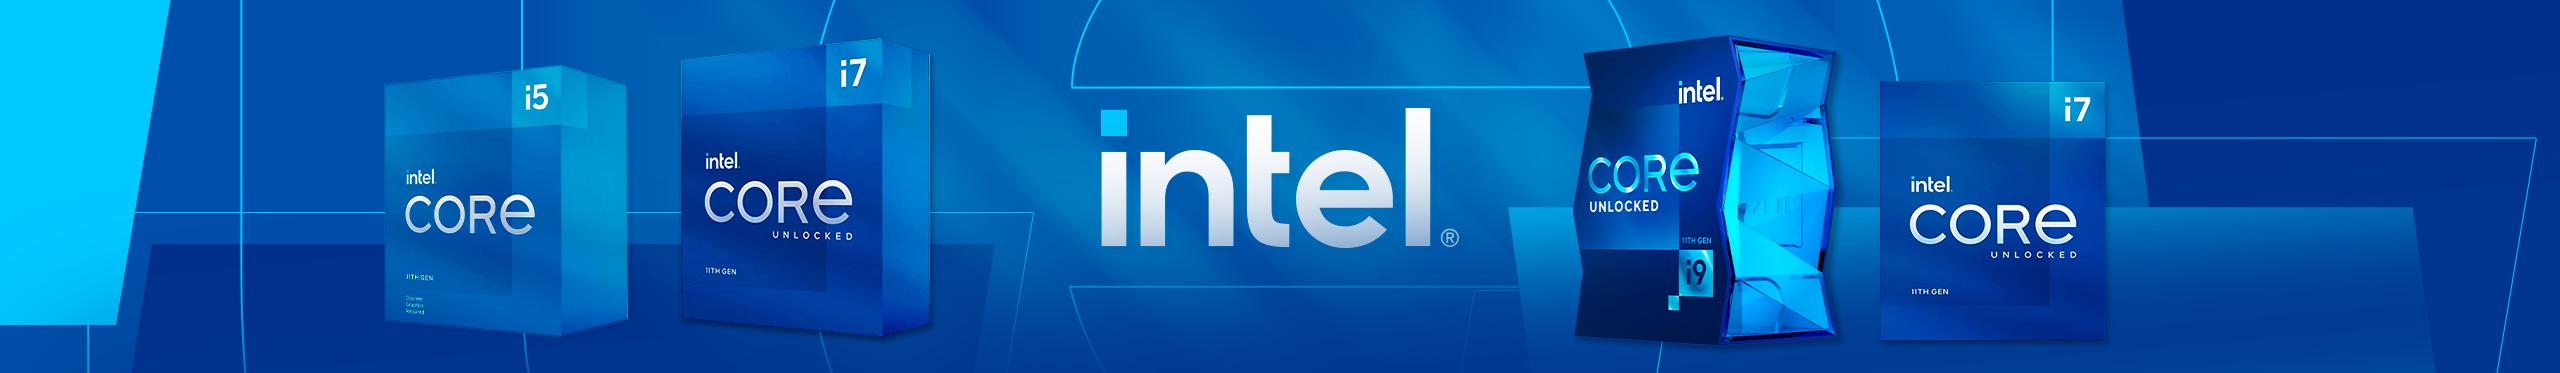 Se tem Intel, tem jogo. Descubra uma experiência gamer aprimorada com os processadores Intel.